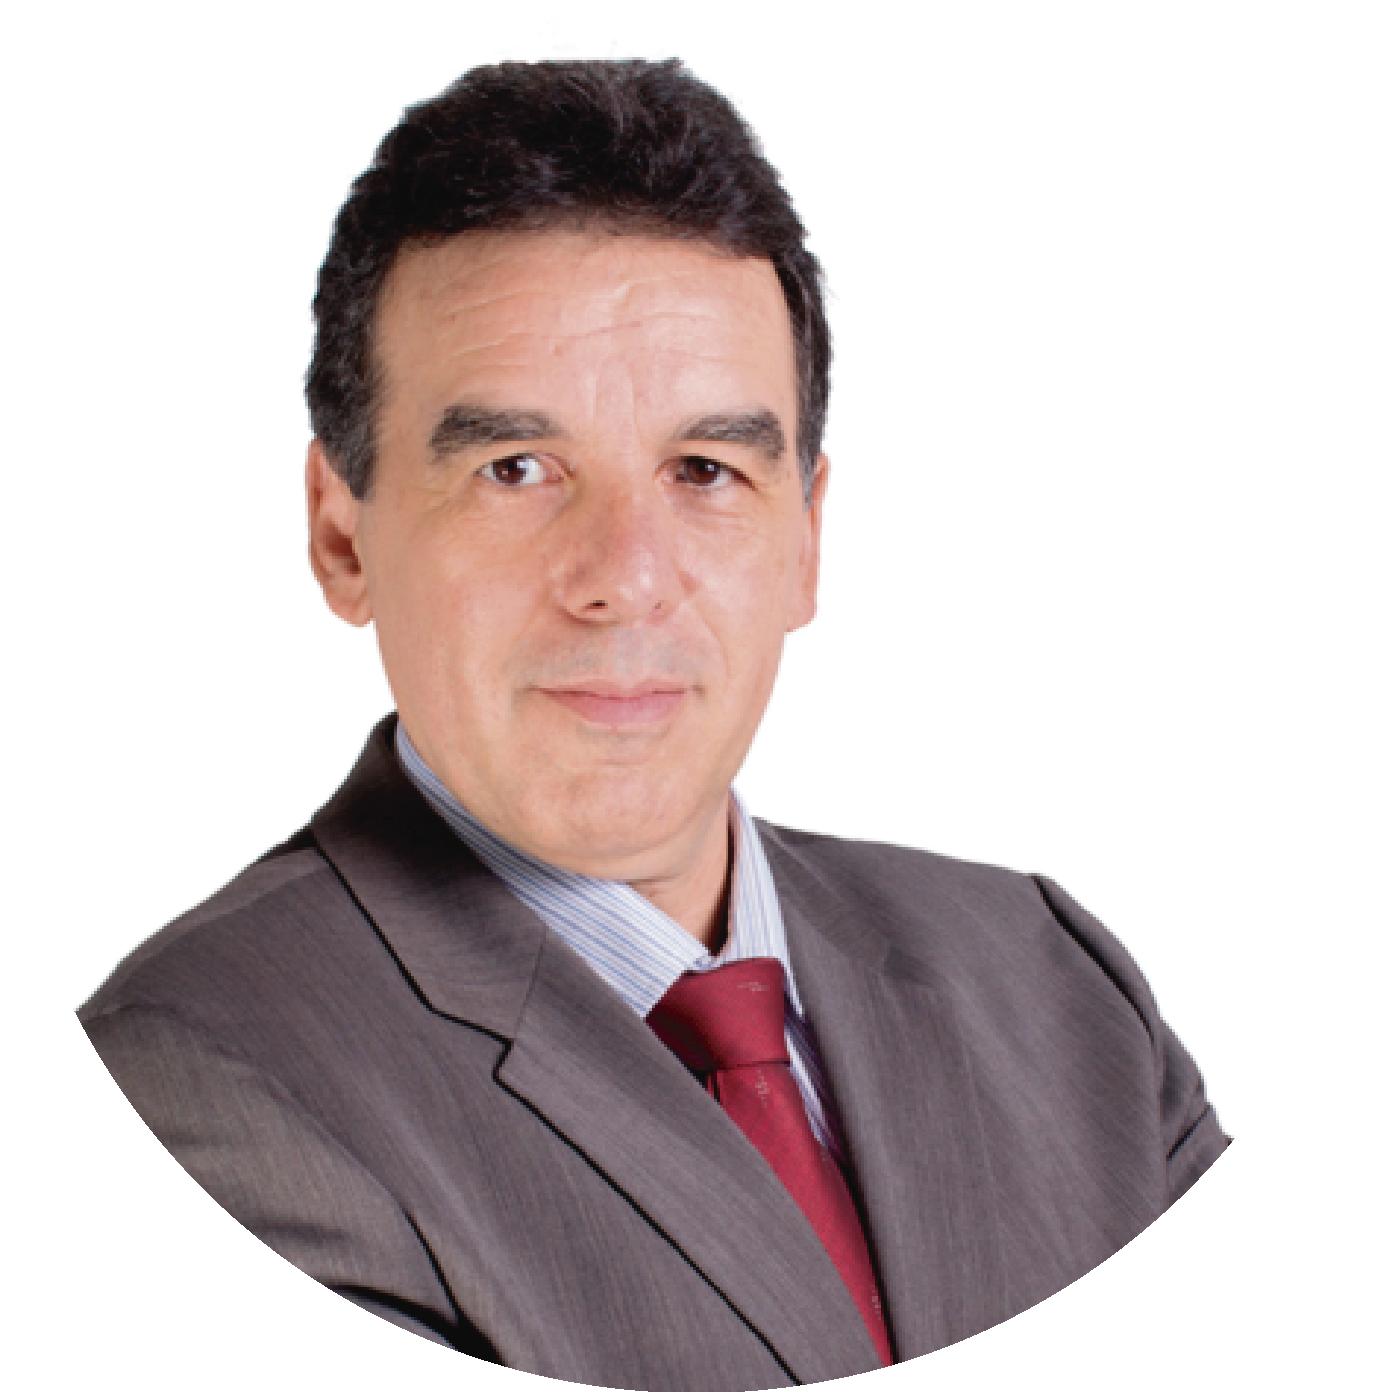 Martín Stringel - Fundador de Learn2 México y LA Managing Director. Martín transforma organizaciones y equipos expandiendo su potencial con soluciones de aprendizaje inspiradoras, memorables que se traducen en aprendizajes sencillos de aplicar, prácticos y contundentes.